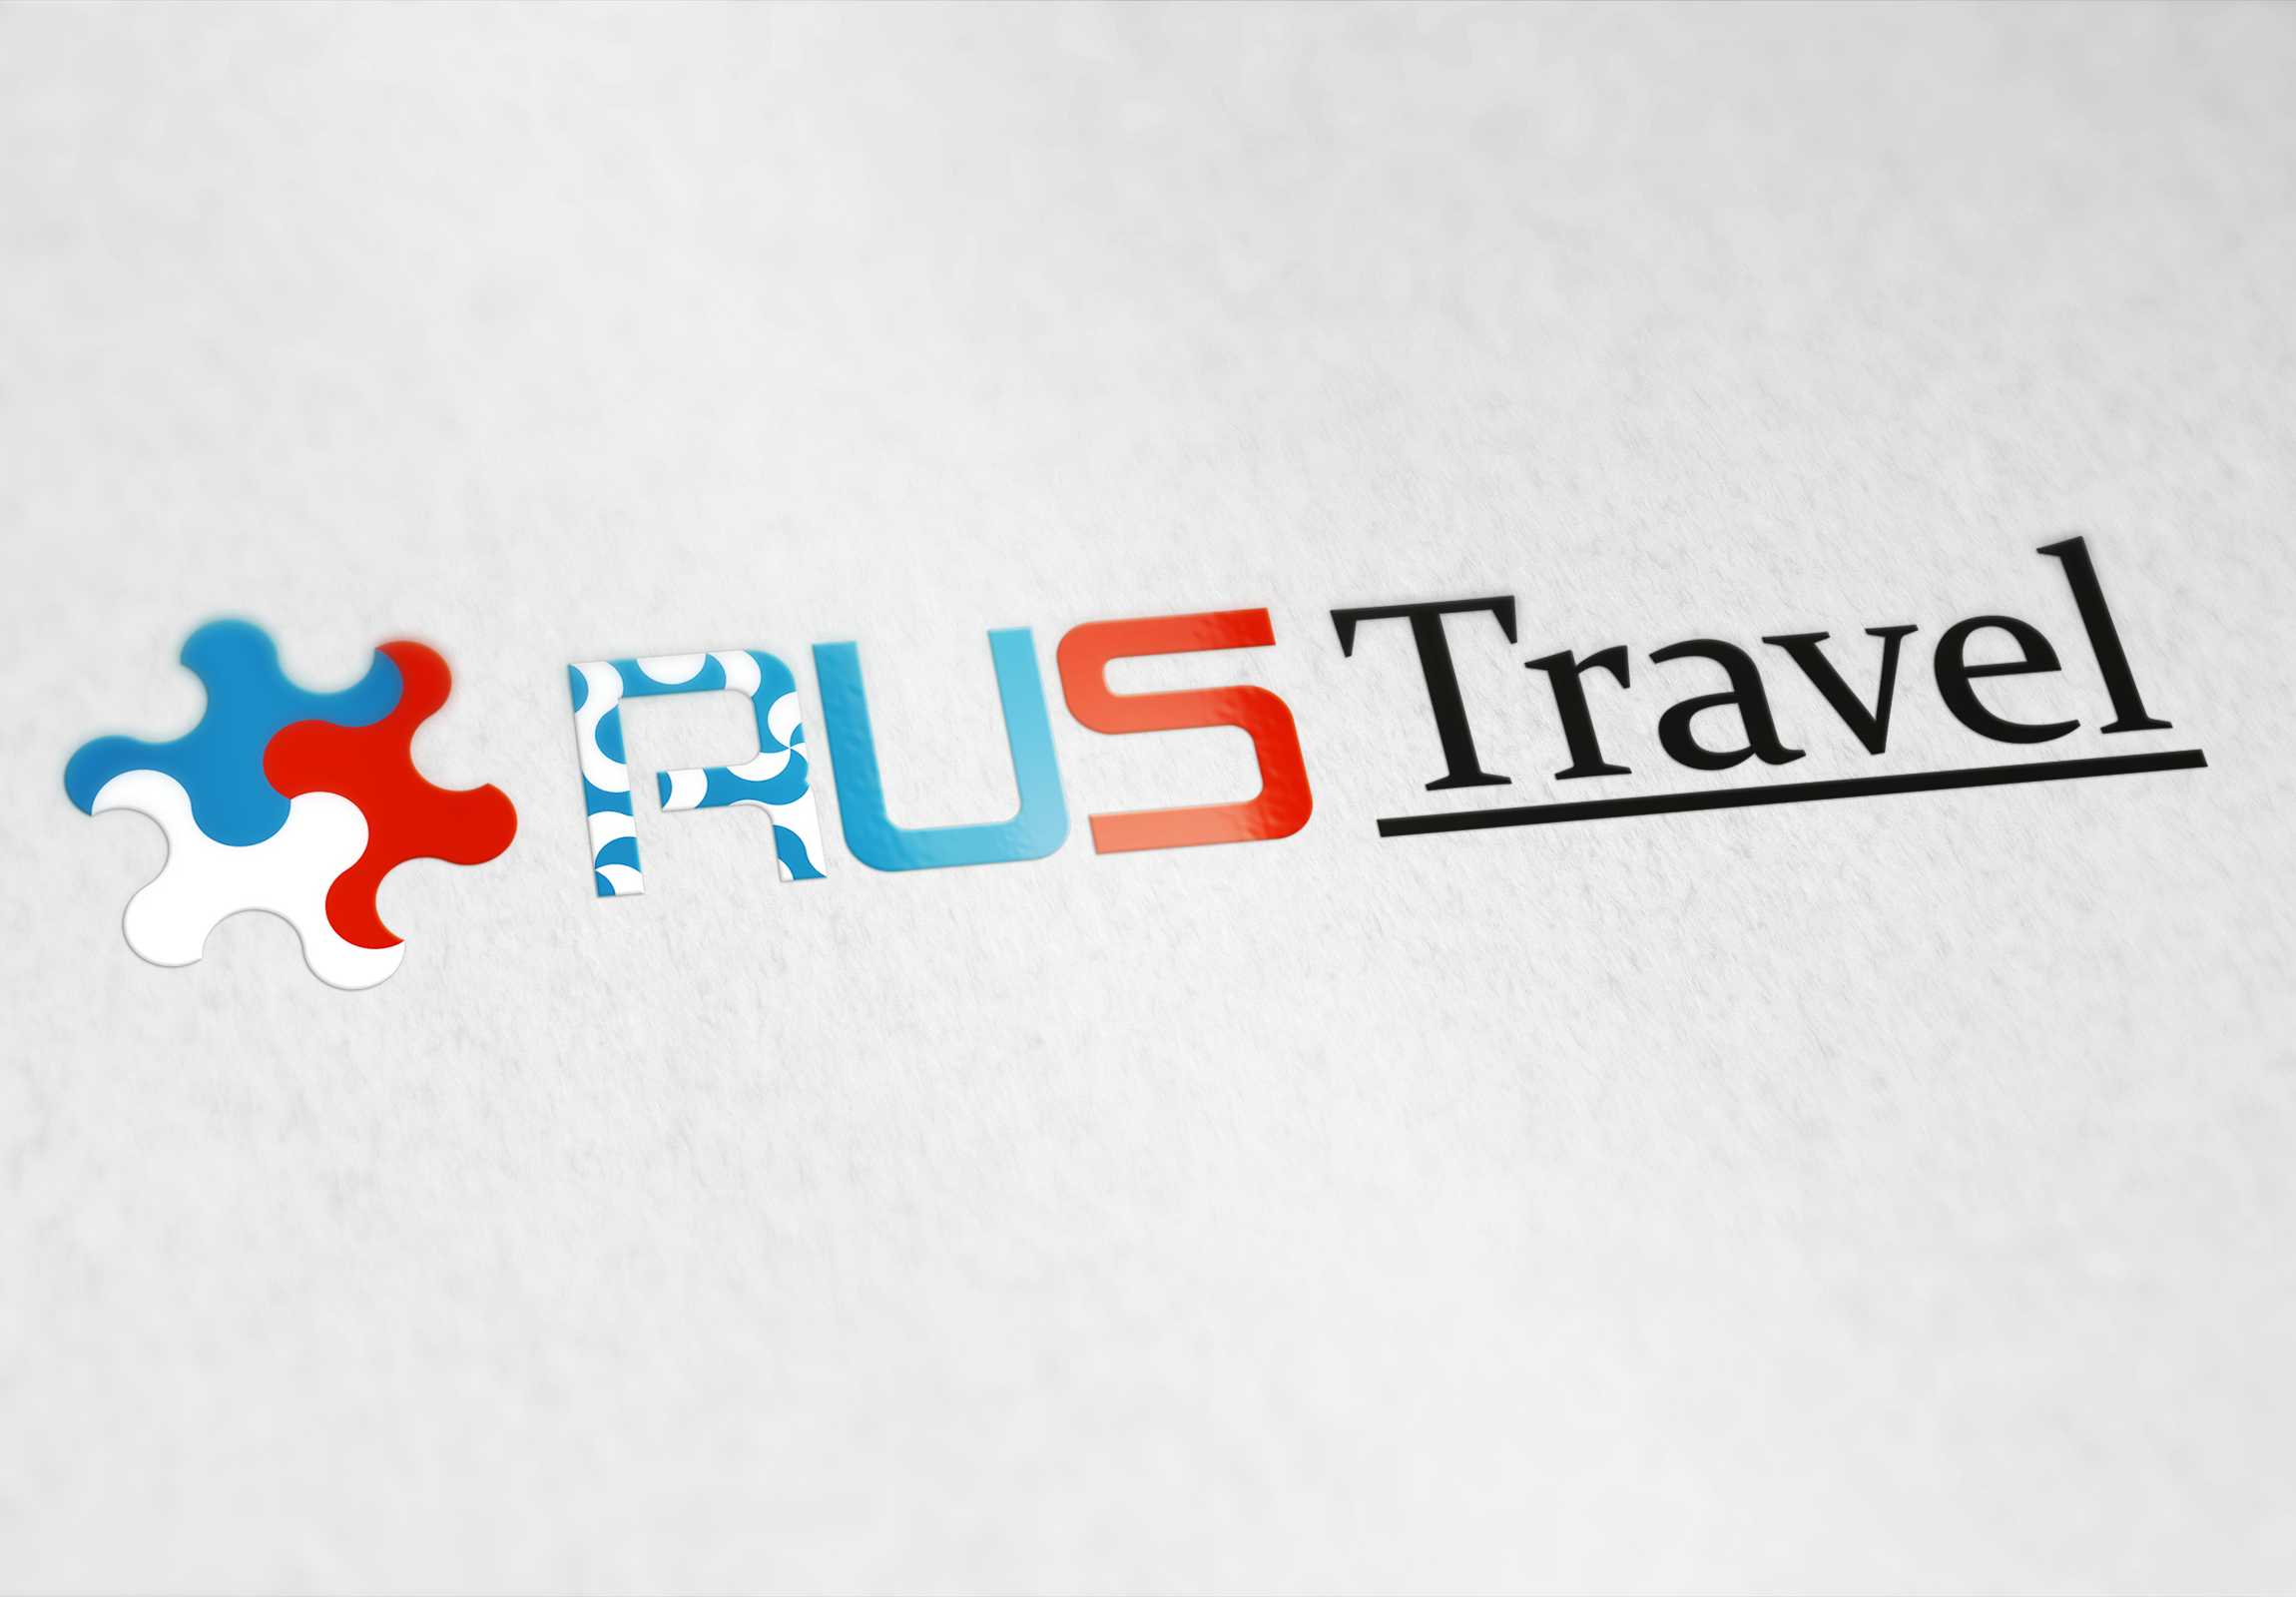 Разработка логотипа фото f_9135b3fa71e3c9a2.png